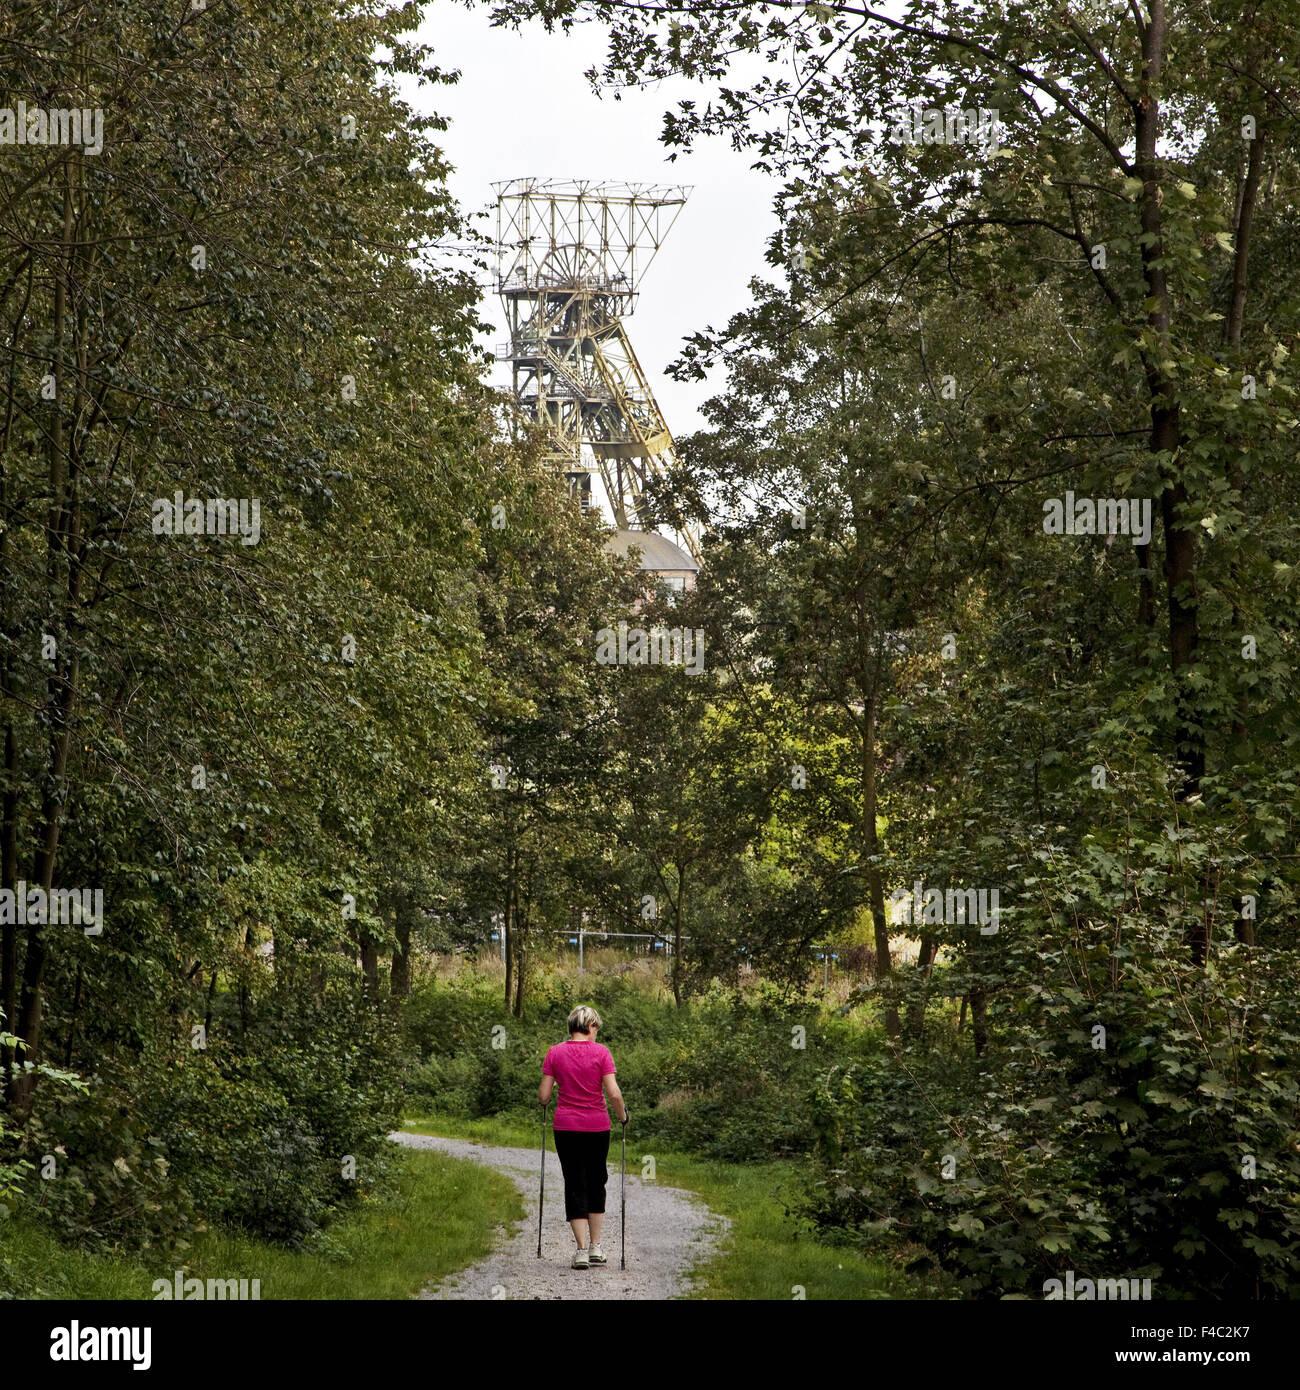 Nordic walker, Oer-Erkenschwick, Germany - Stock Image